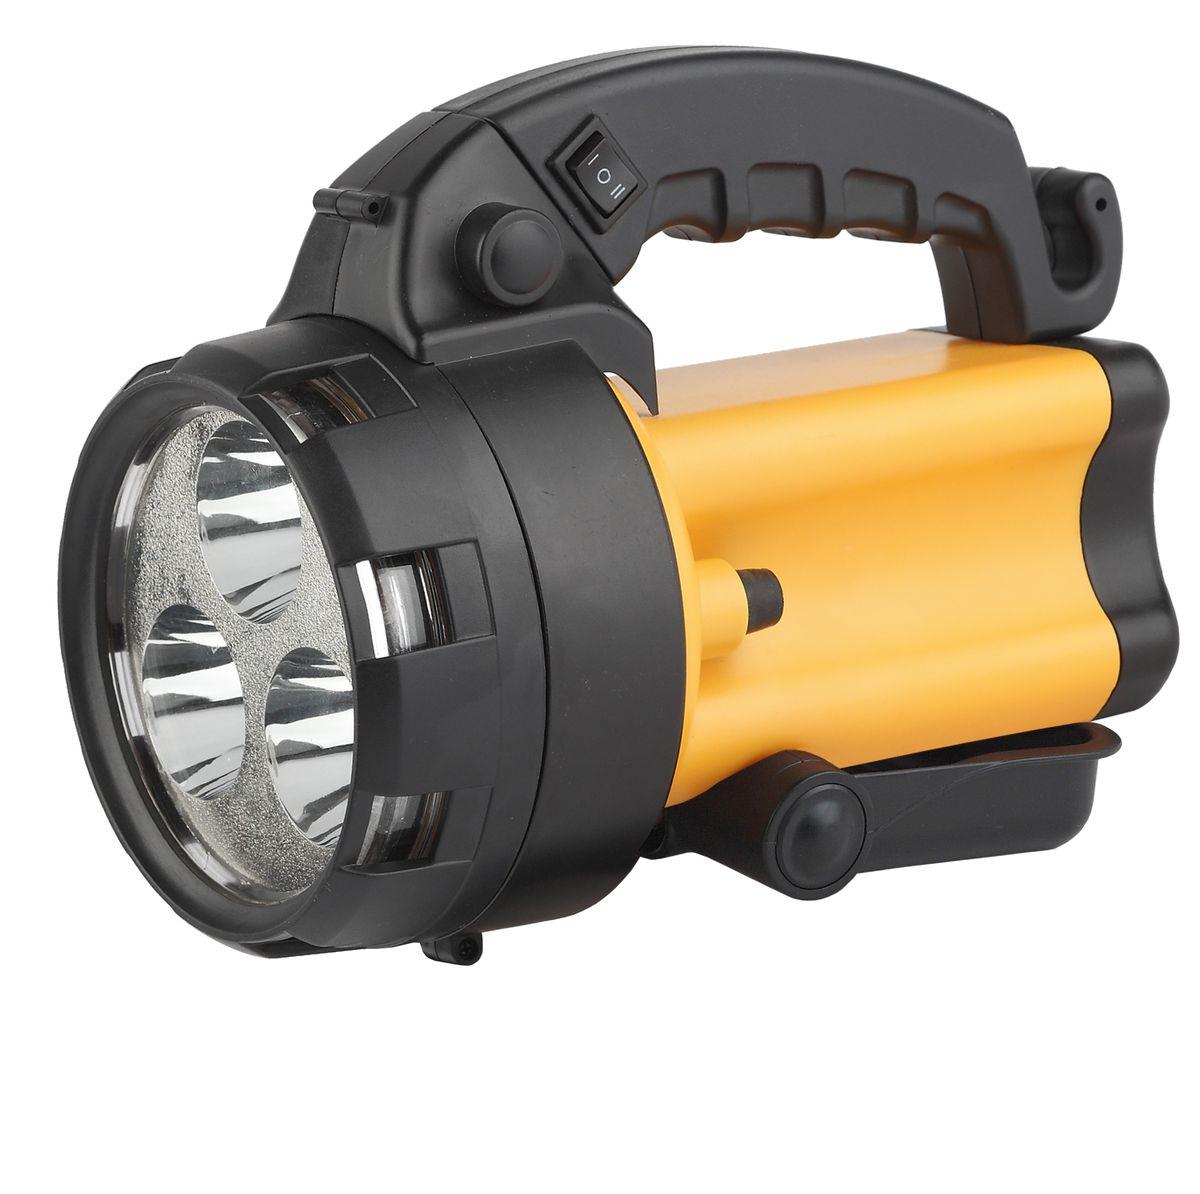 Фонарь ручной ЭРА, 3x1Вт LED SMD, аккумулятор 4В4.5Ач, ЗУ 220V+12VFA3WАккумуляторный светодиодный прожектор: 3x1Вт белые светодиоды (два режима работы 50% и 100% яркости) сигнальный красный светильник в задней части фонаря Аккумулятор 4V 4.5Ah (AC3, DT4045) подзарядка от сети 220V и бортовой сети автомобиля 12V ремень для переноски на плече.